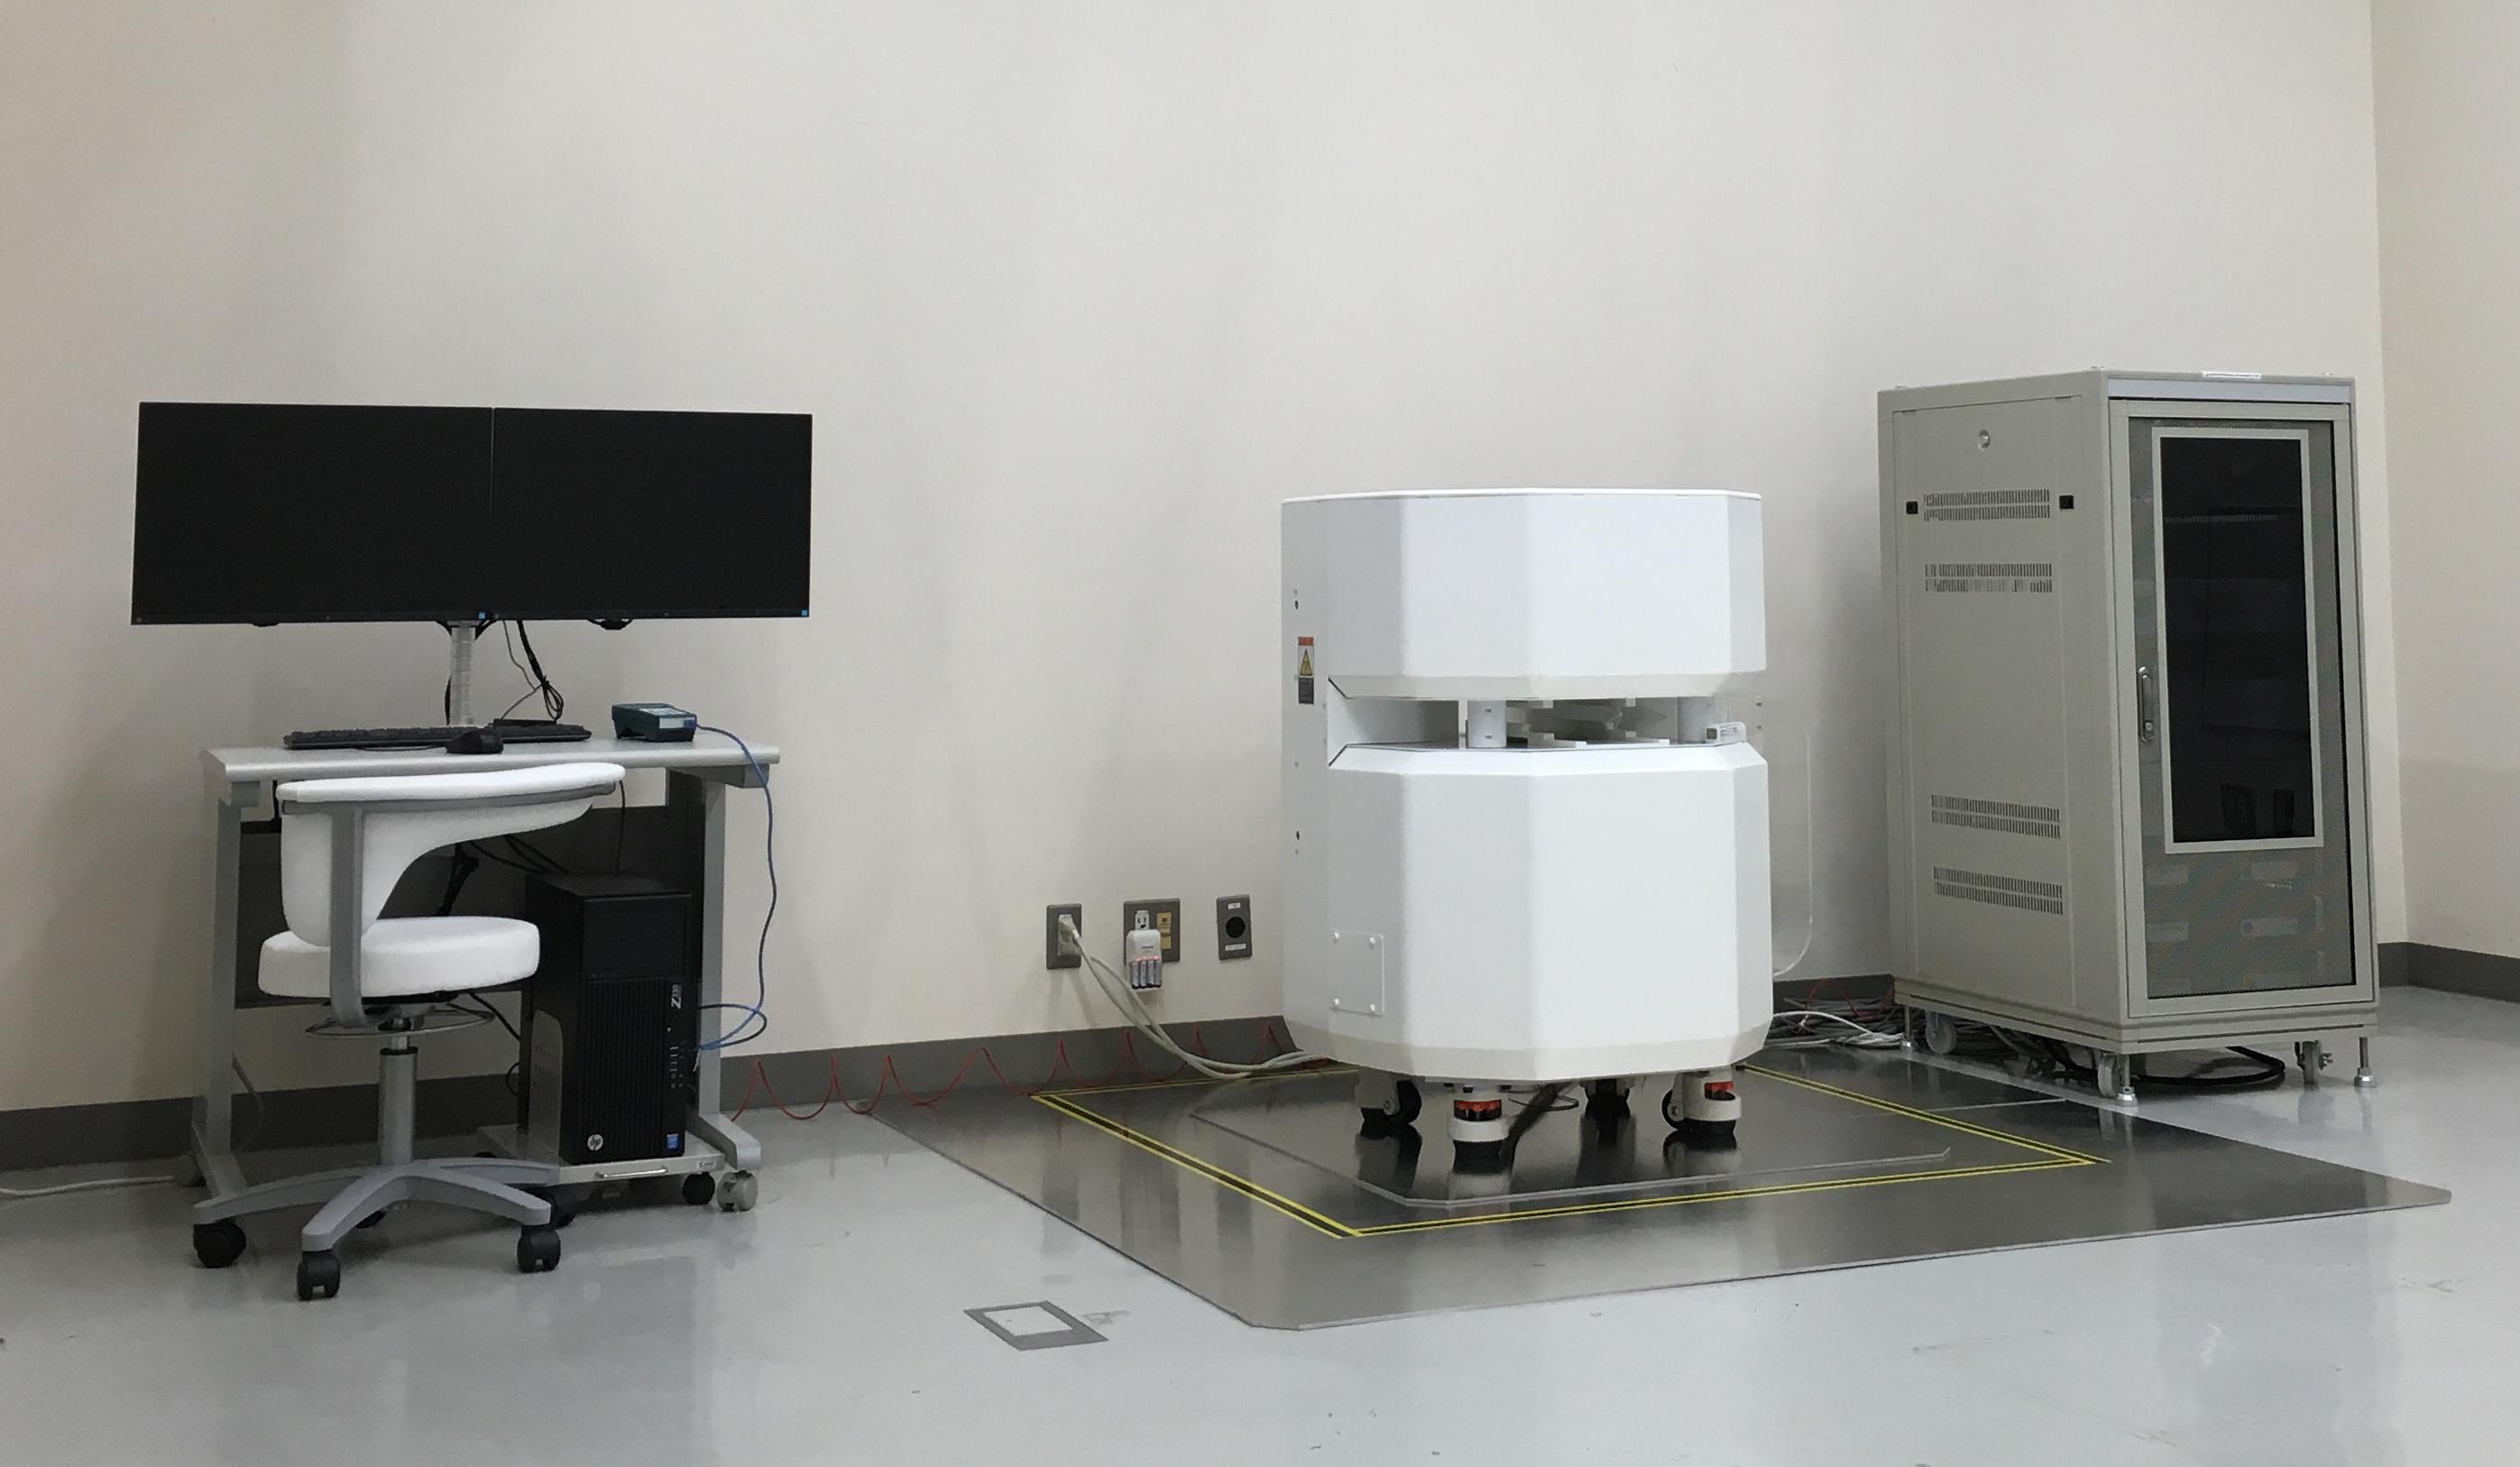 小型MRI装置